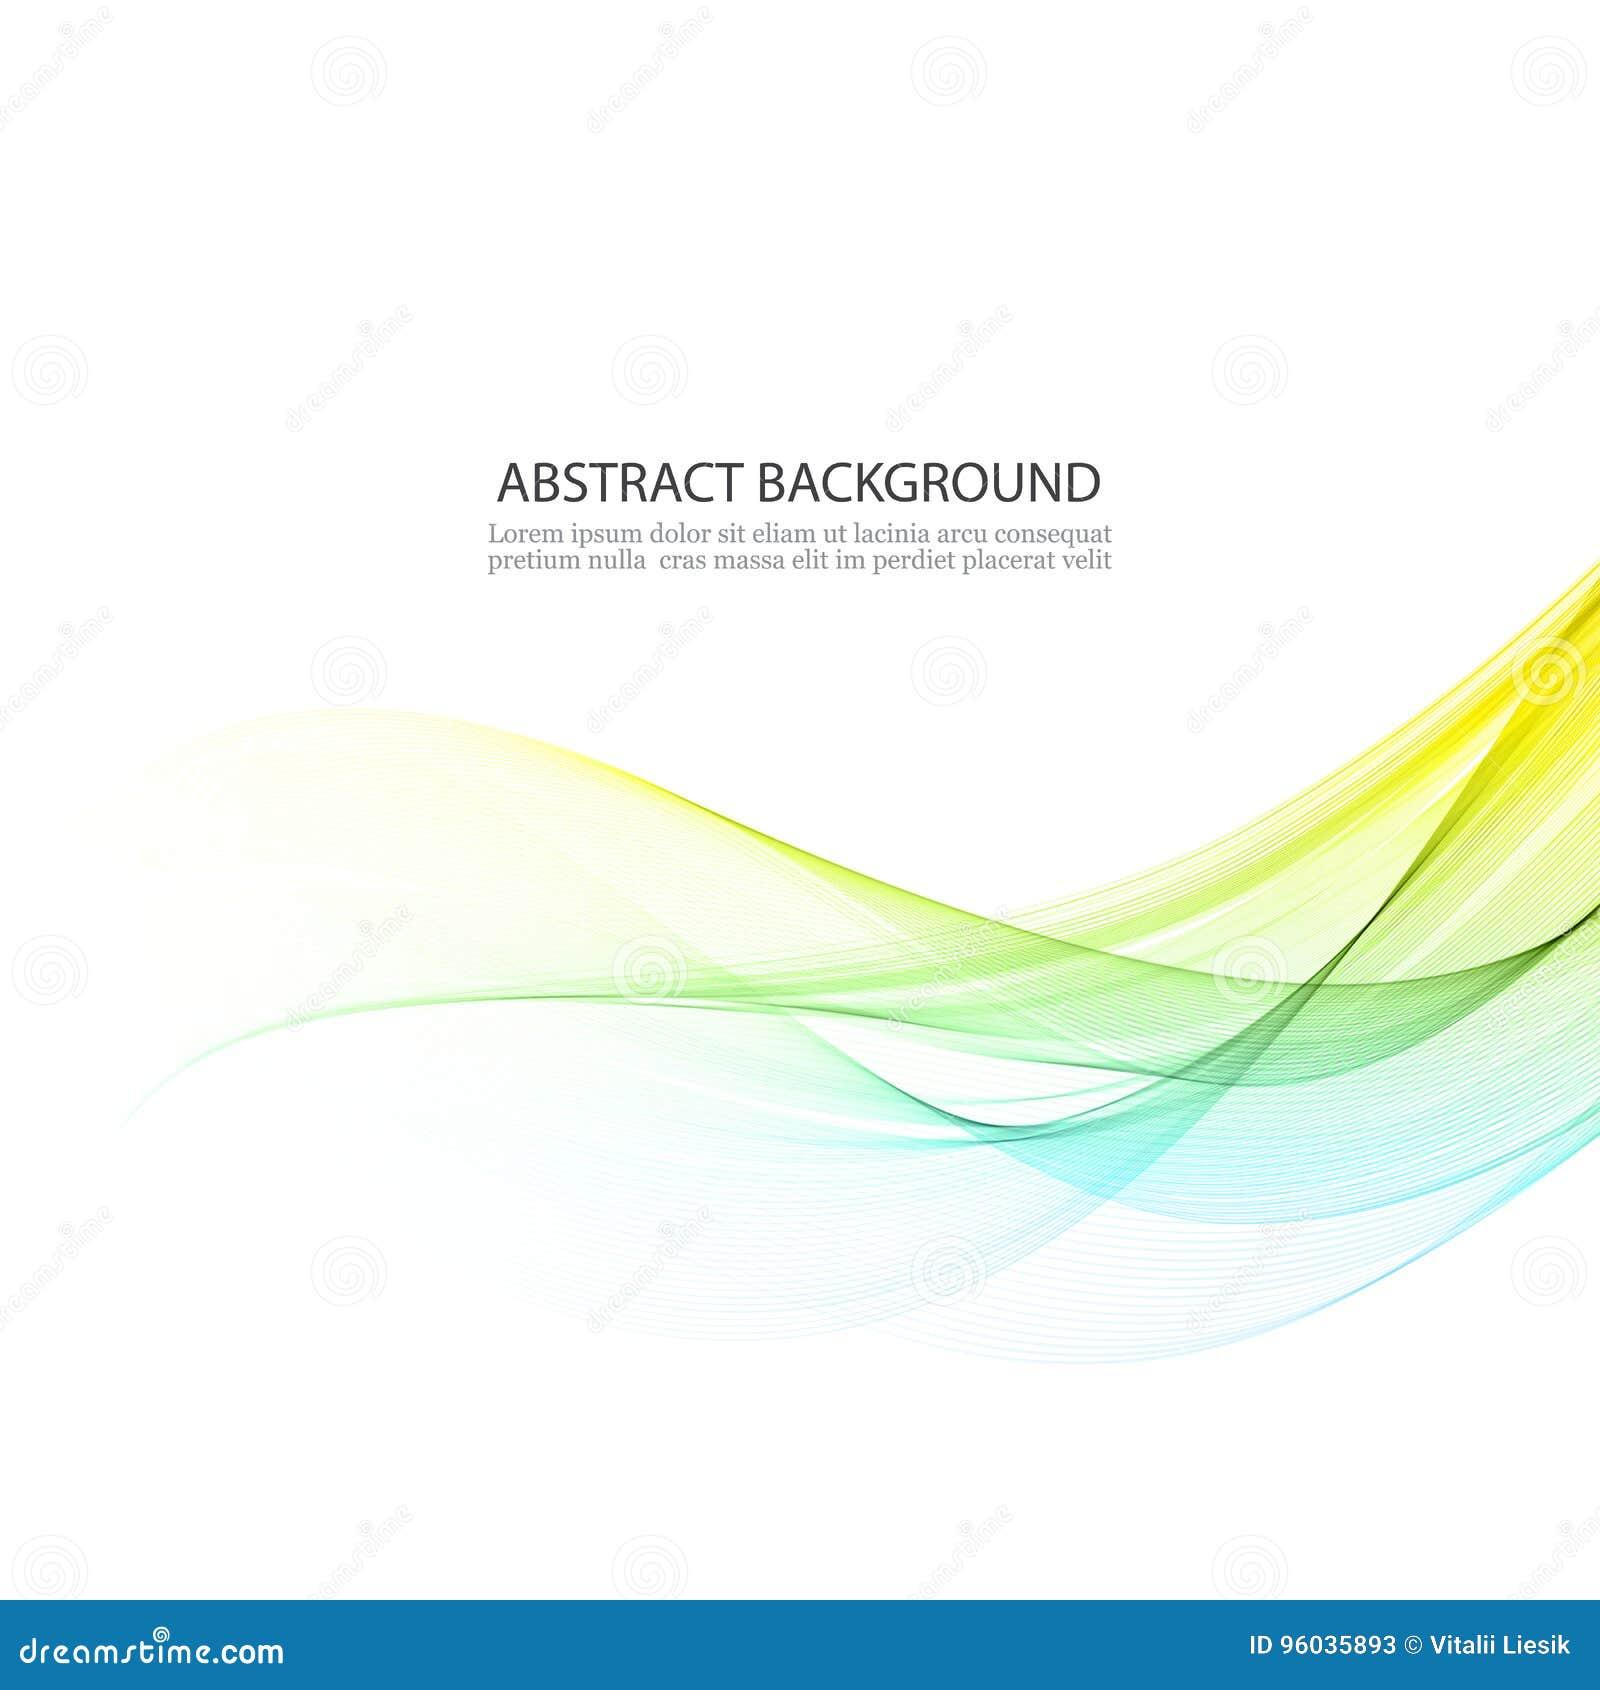 Błękitne i żółte linie w waveform